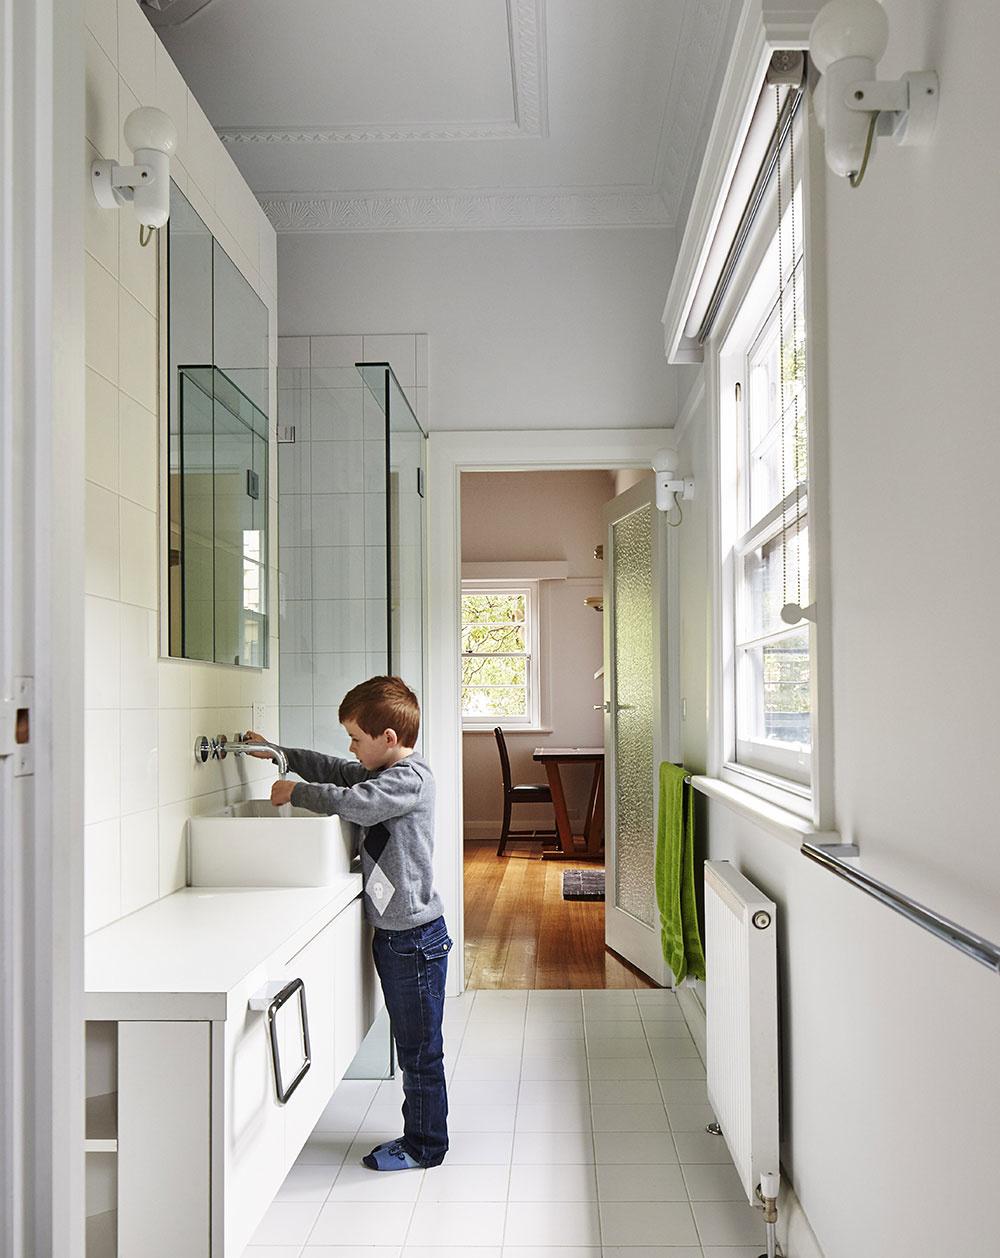 dieťa v kúpeľni